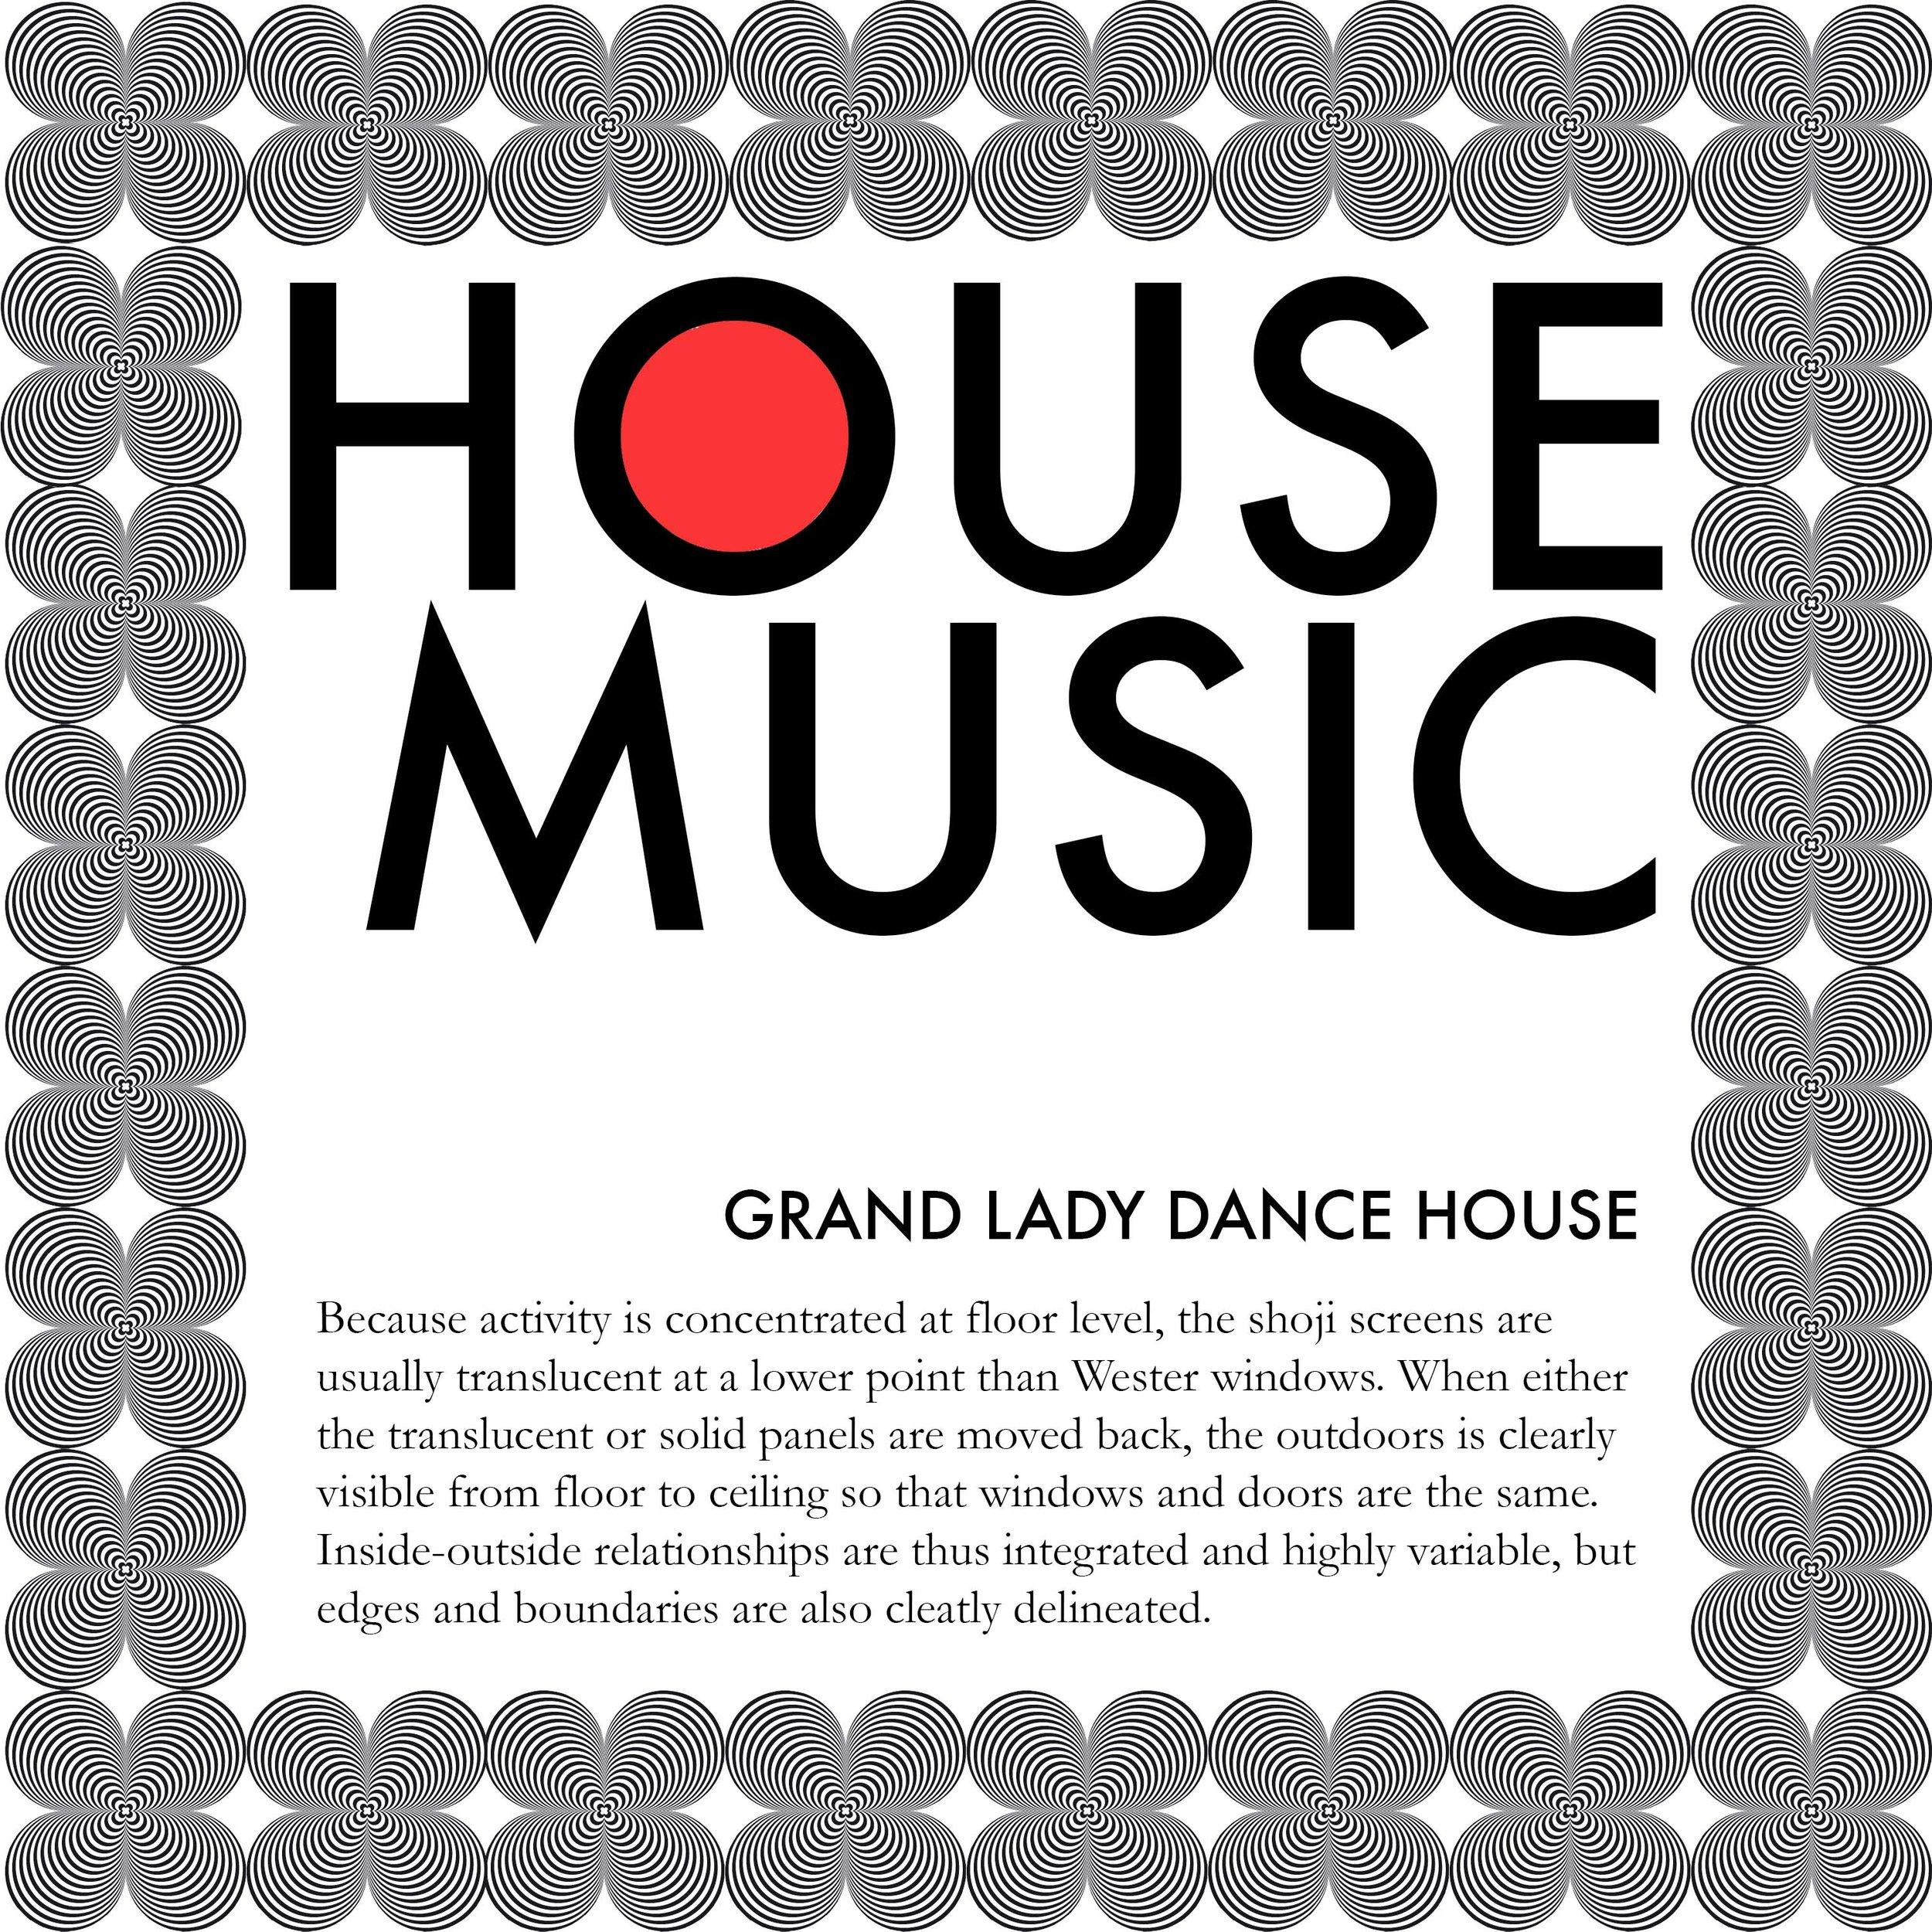 house music_RED DOT.jpg